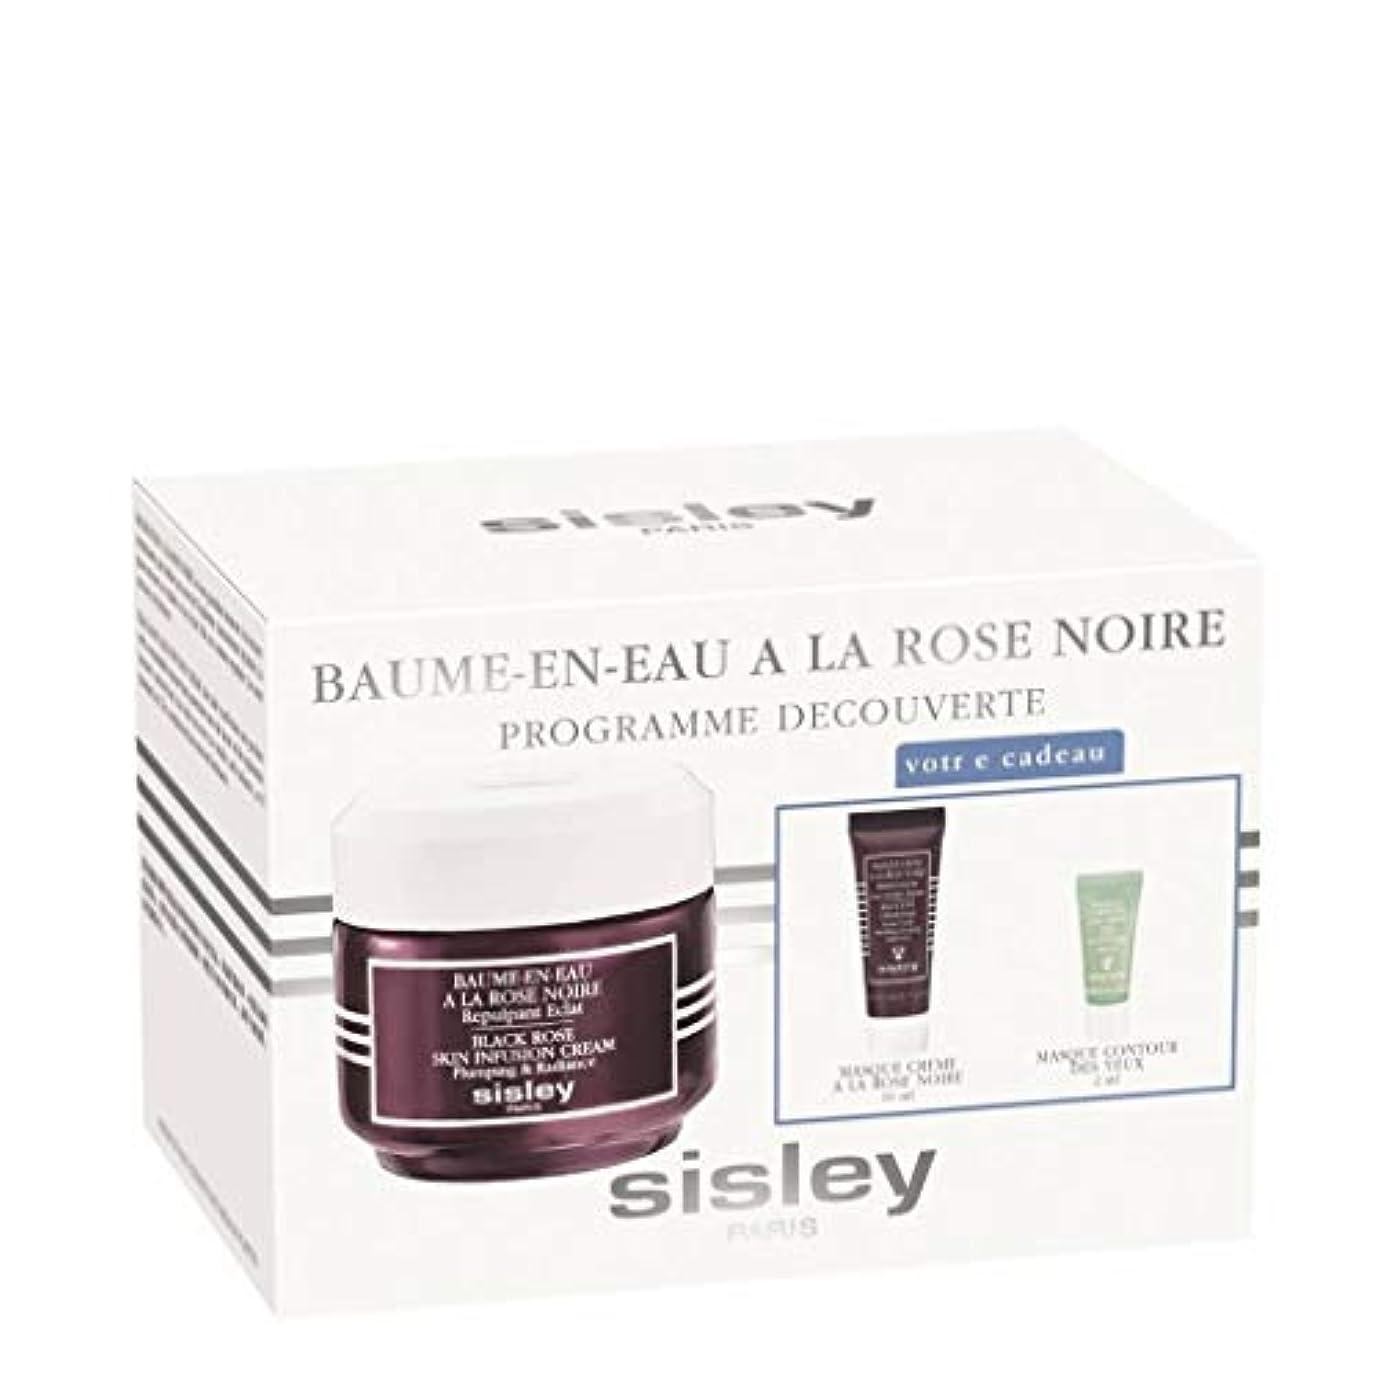 隣接するローンポークシスレー Black Rose Skin Infusion Cream Discovery Program: Black Rose Skin Infusion Cream 50ml+Black Rose Cream Mask...